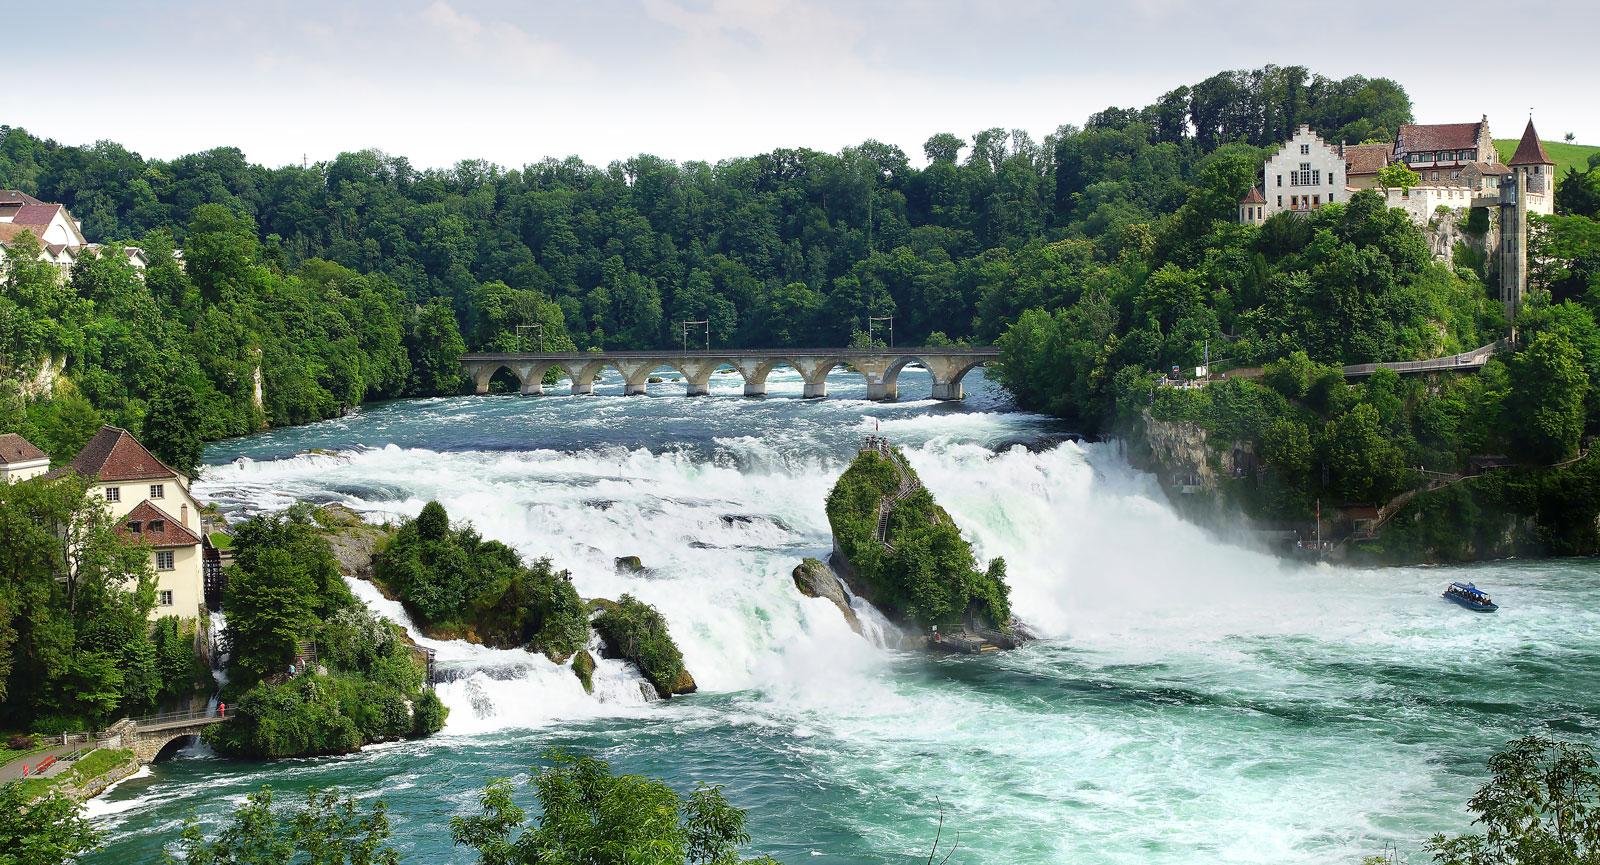 Magnifika Rhenfallet i floden Rhen är Europas nästa största vattenfall och en mäktig upplevelse för barn och vuxna.